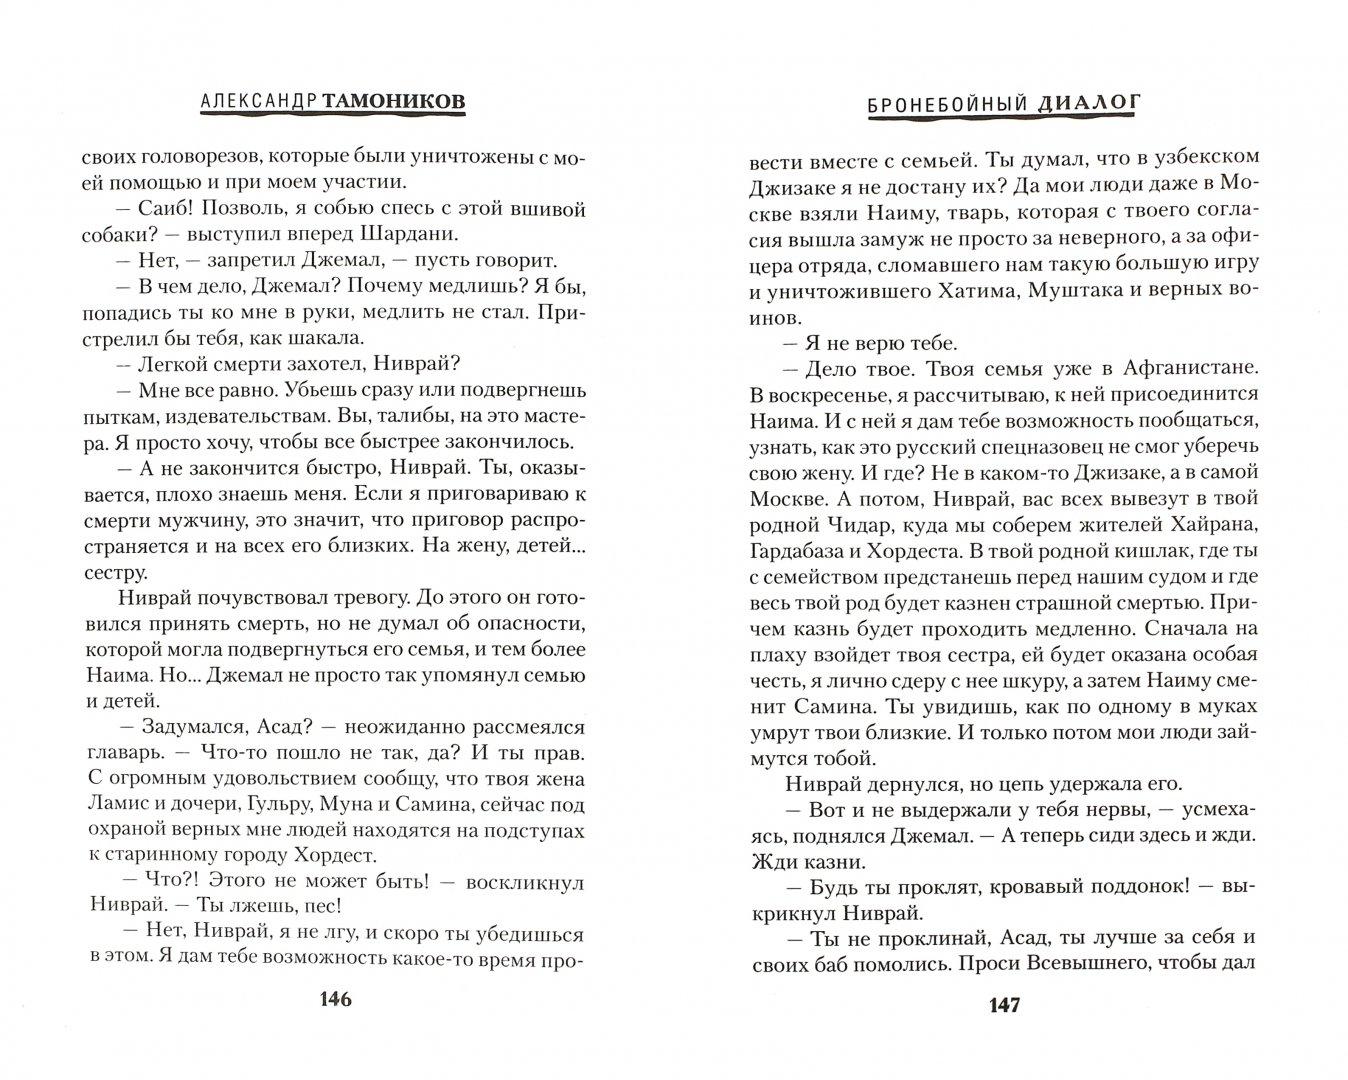 Иллюстрация 1 из 22 для Бронебойный диалог - Александр Тамоников | Лабиринт - книги. Источник: Лабиринт